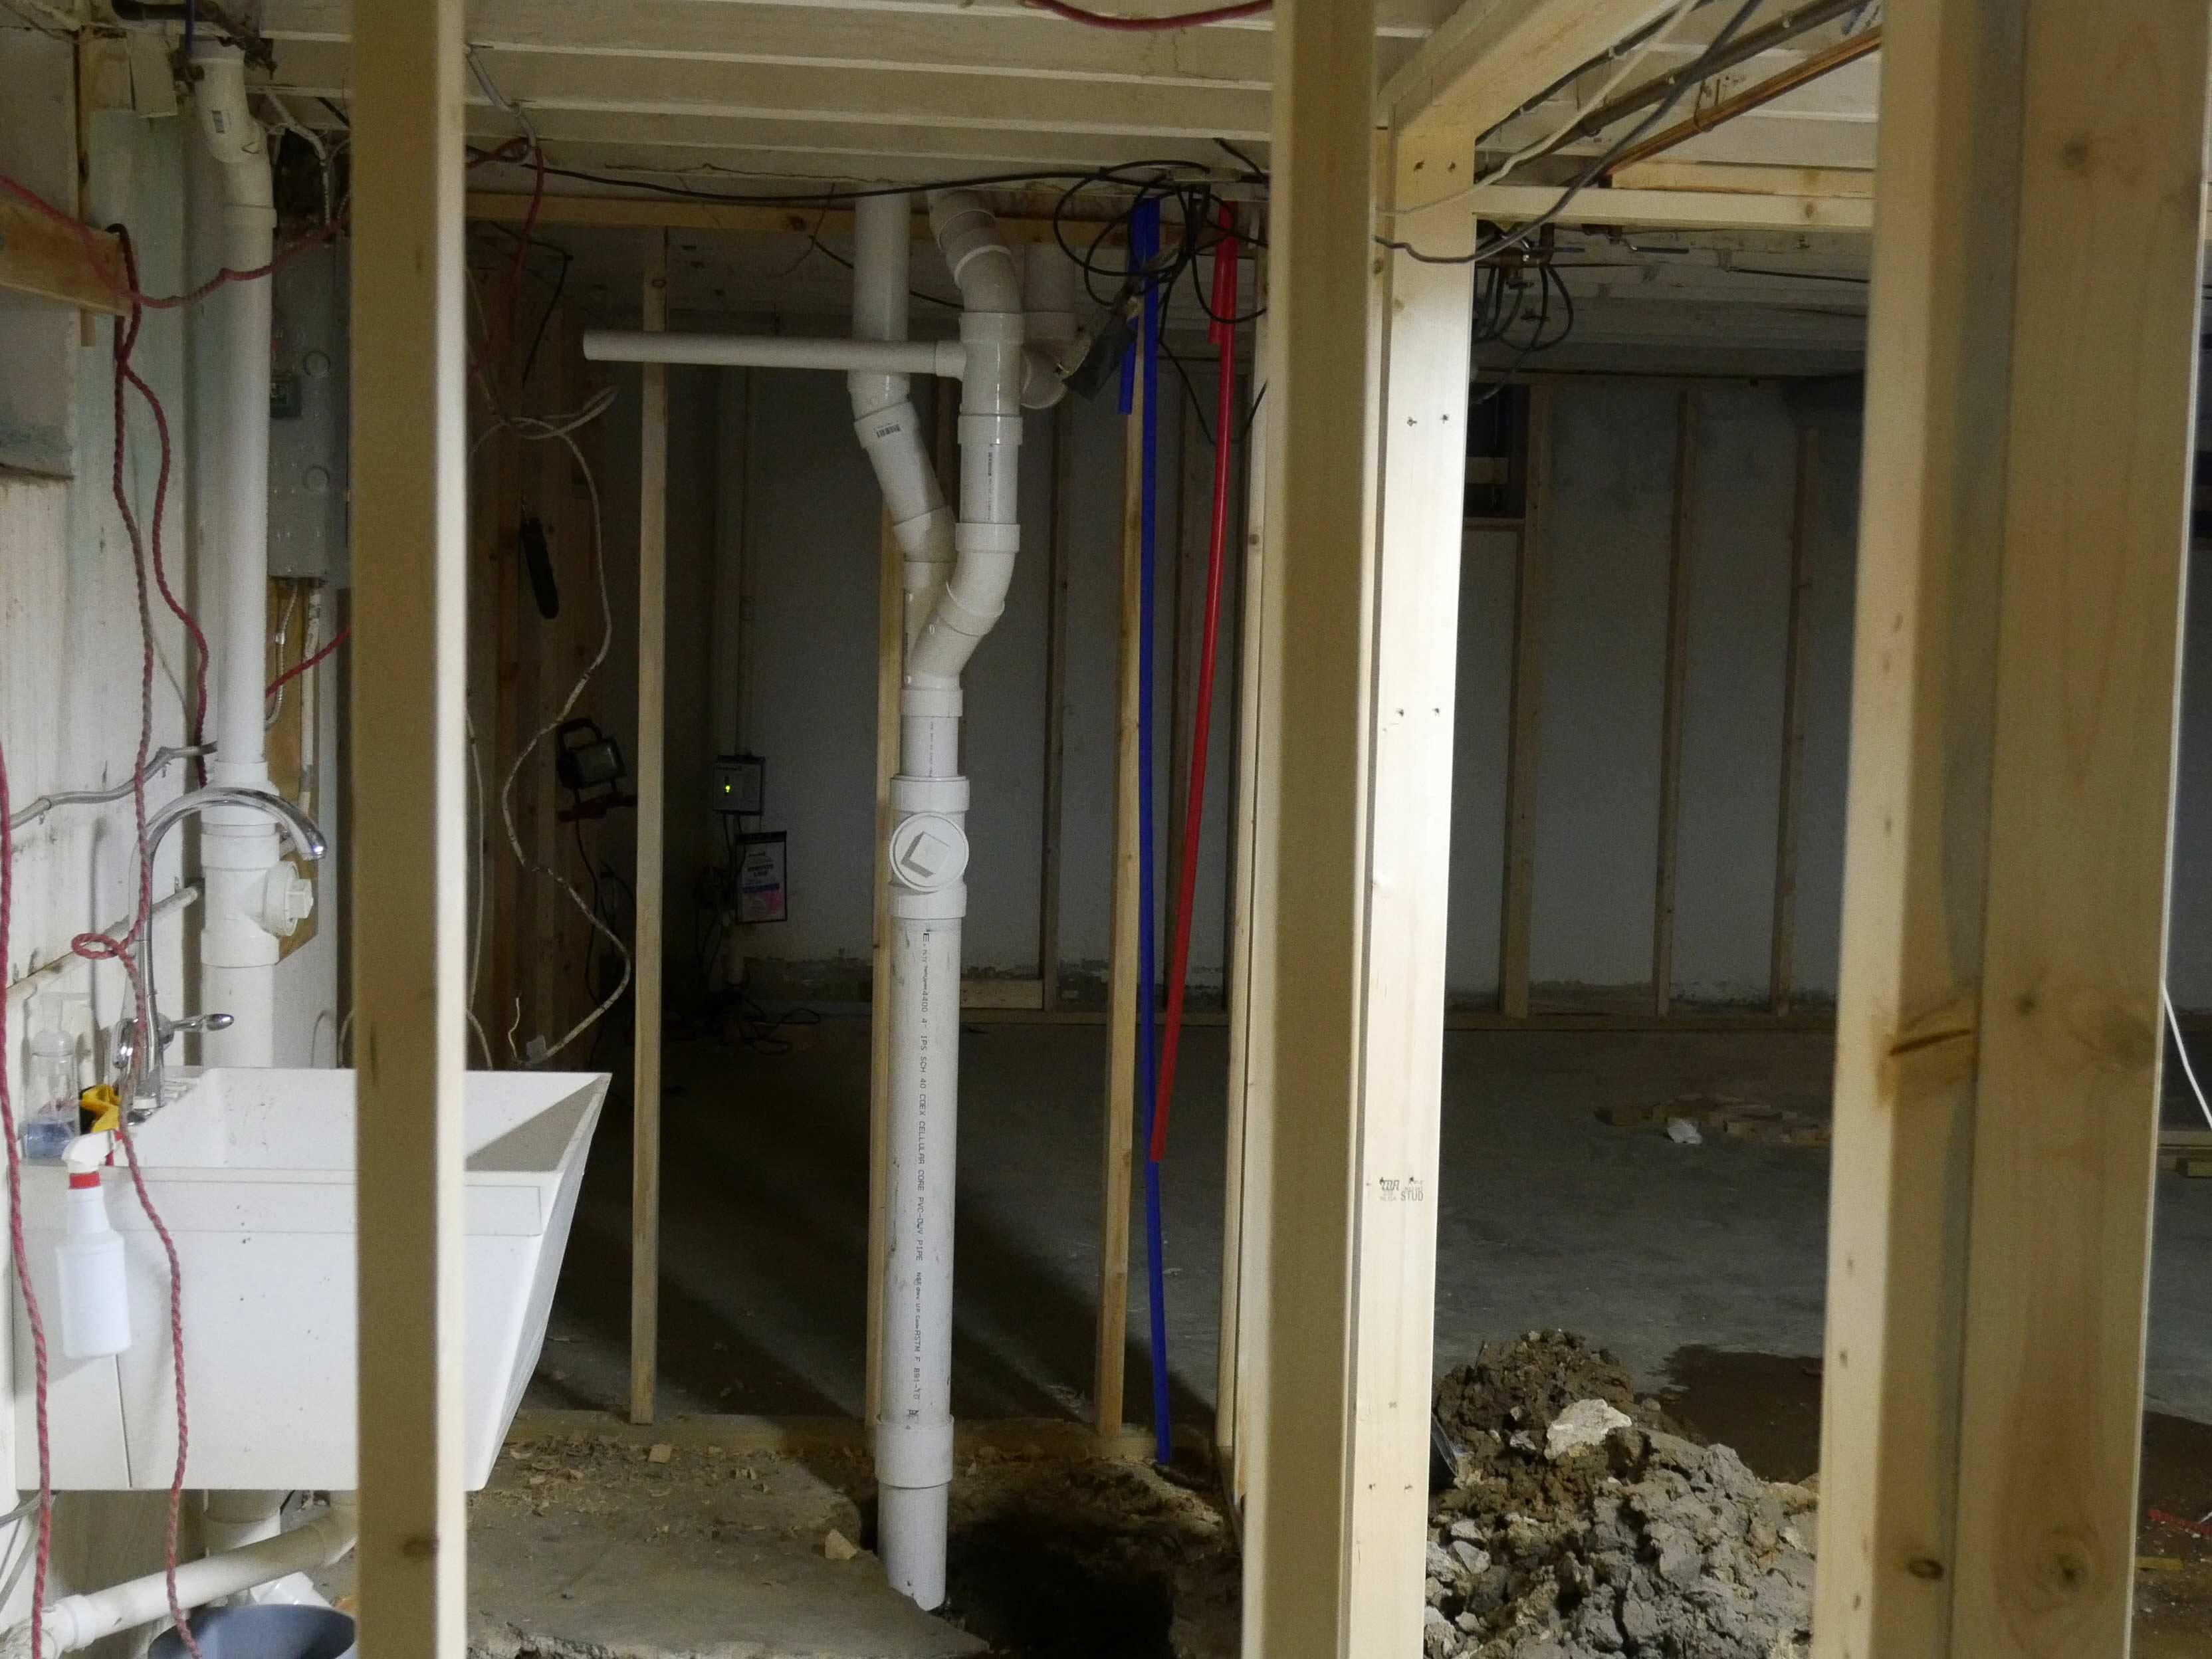 Ongoing plumbing task